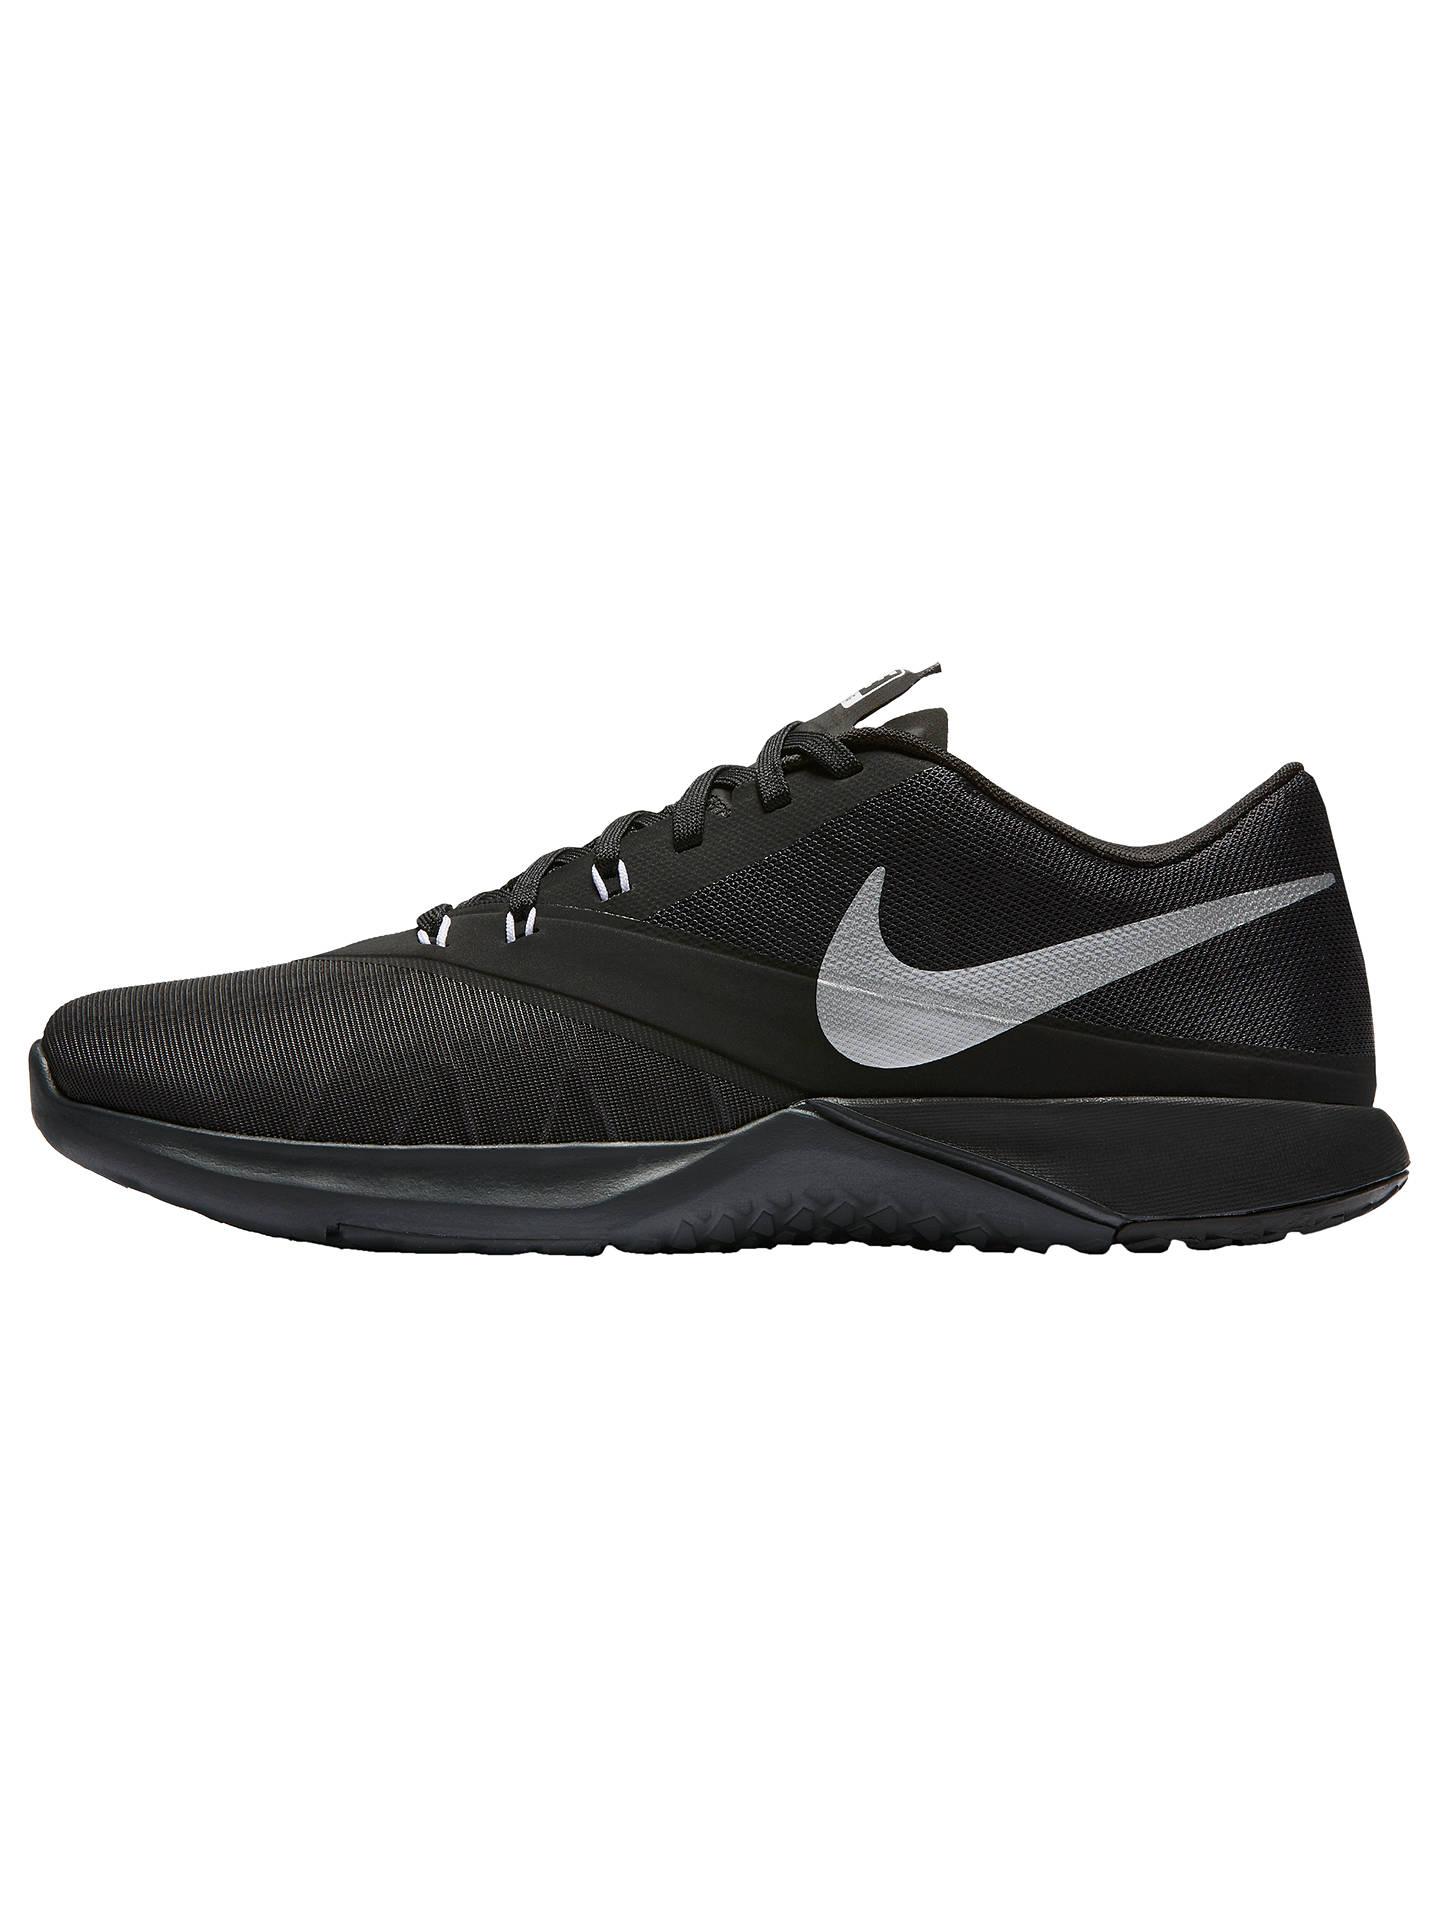 c019d34ca1e ... shoe whiteyokohamateppanyaki blackyokohamateppanyaki grey australia low  price c4fea 7d223  discount buynike fs lite trainer 4 mens cross trainers  ...